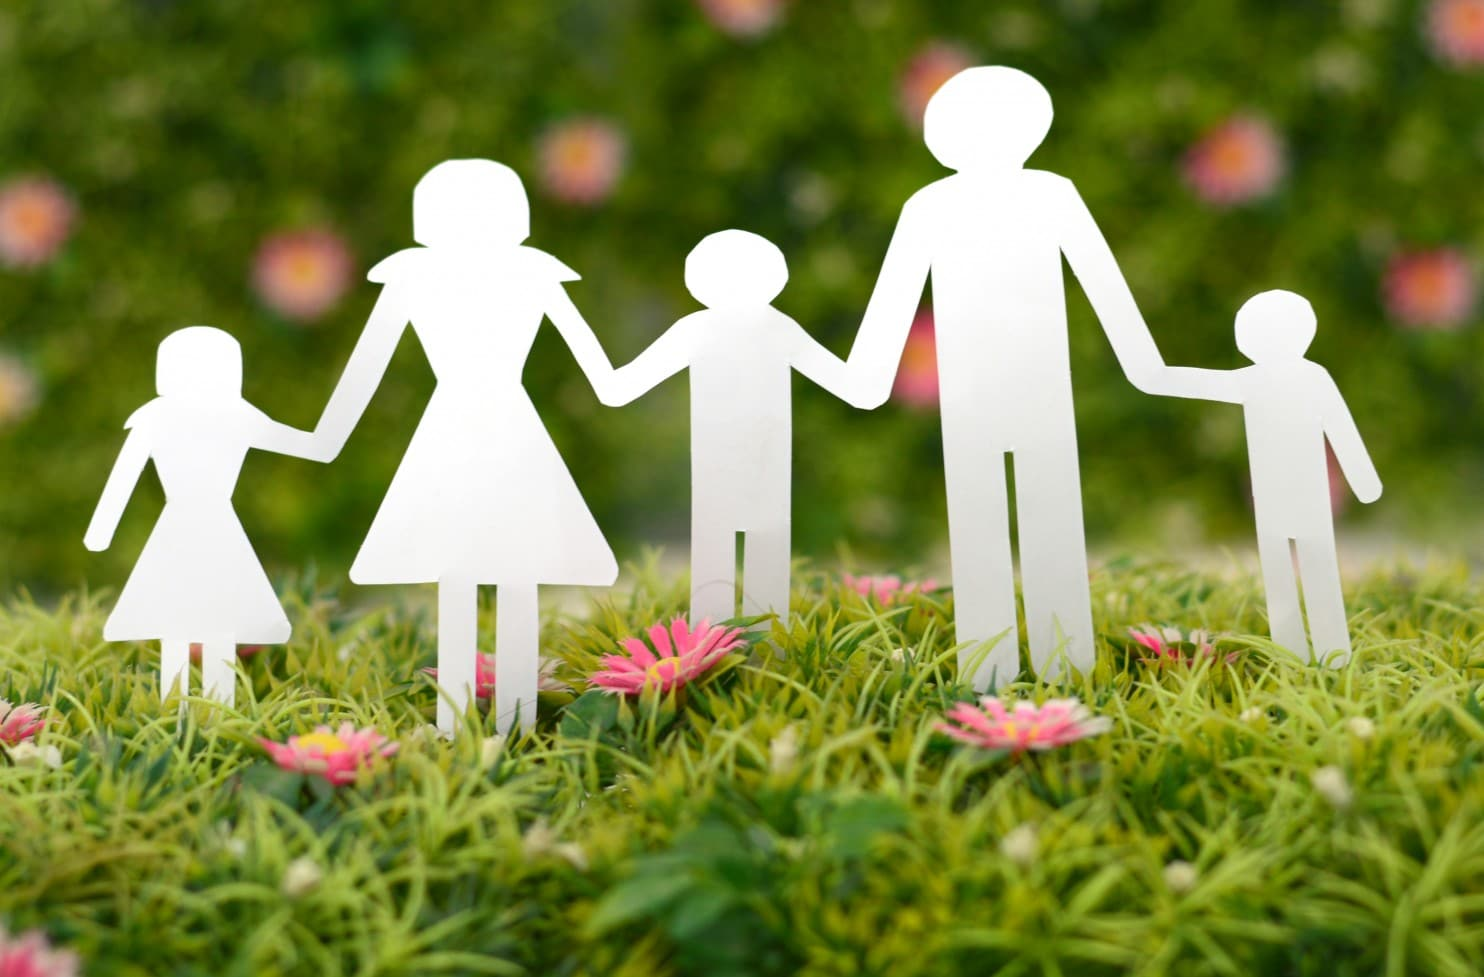 Ольга Смирнова: У семьи должна быть уверенность в завтрашнем дне